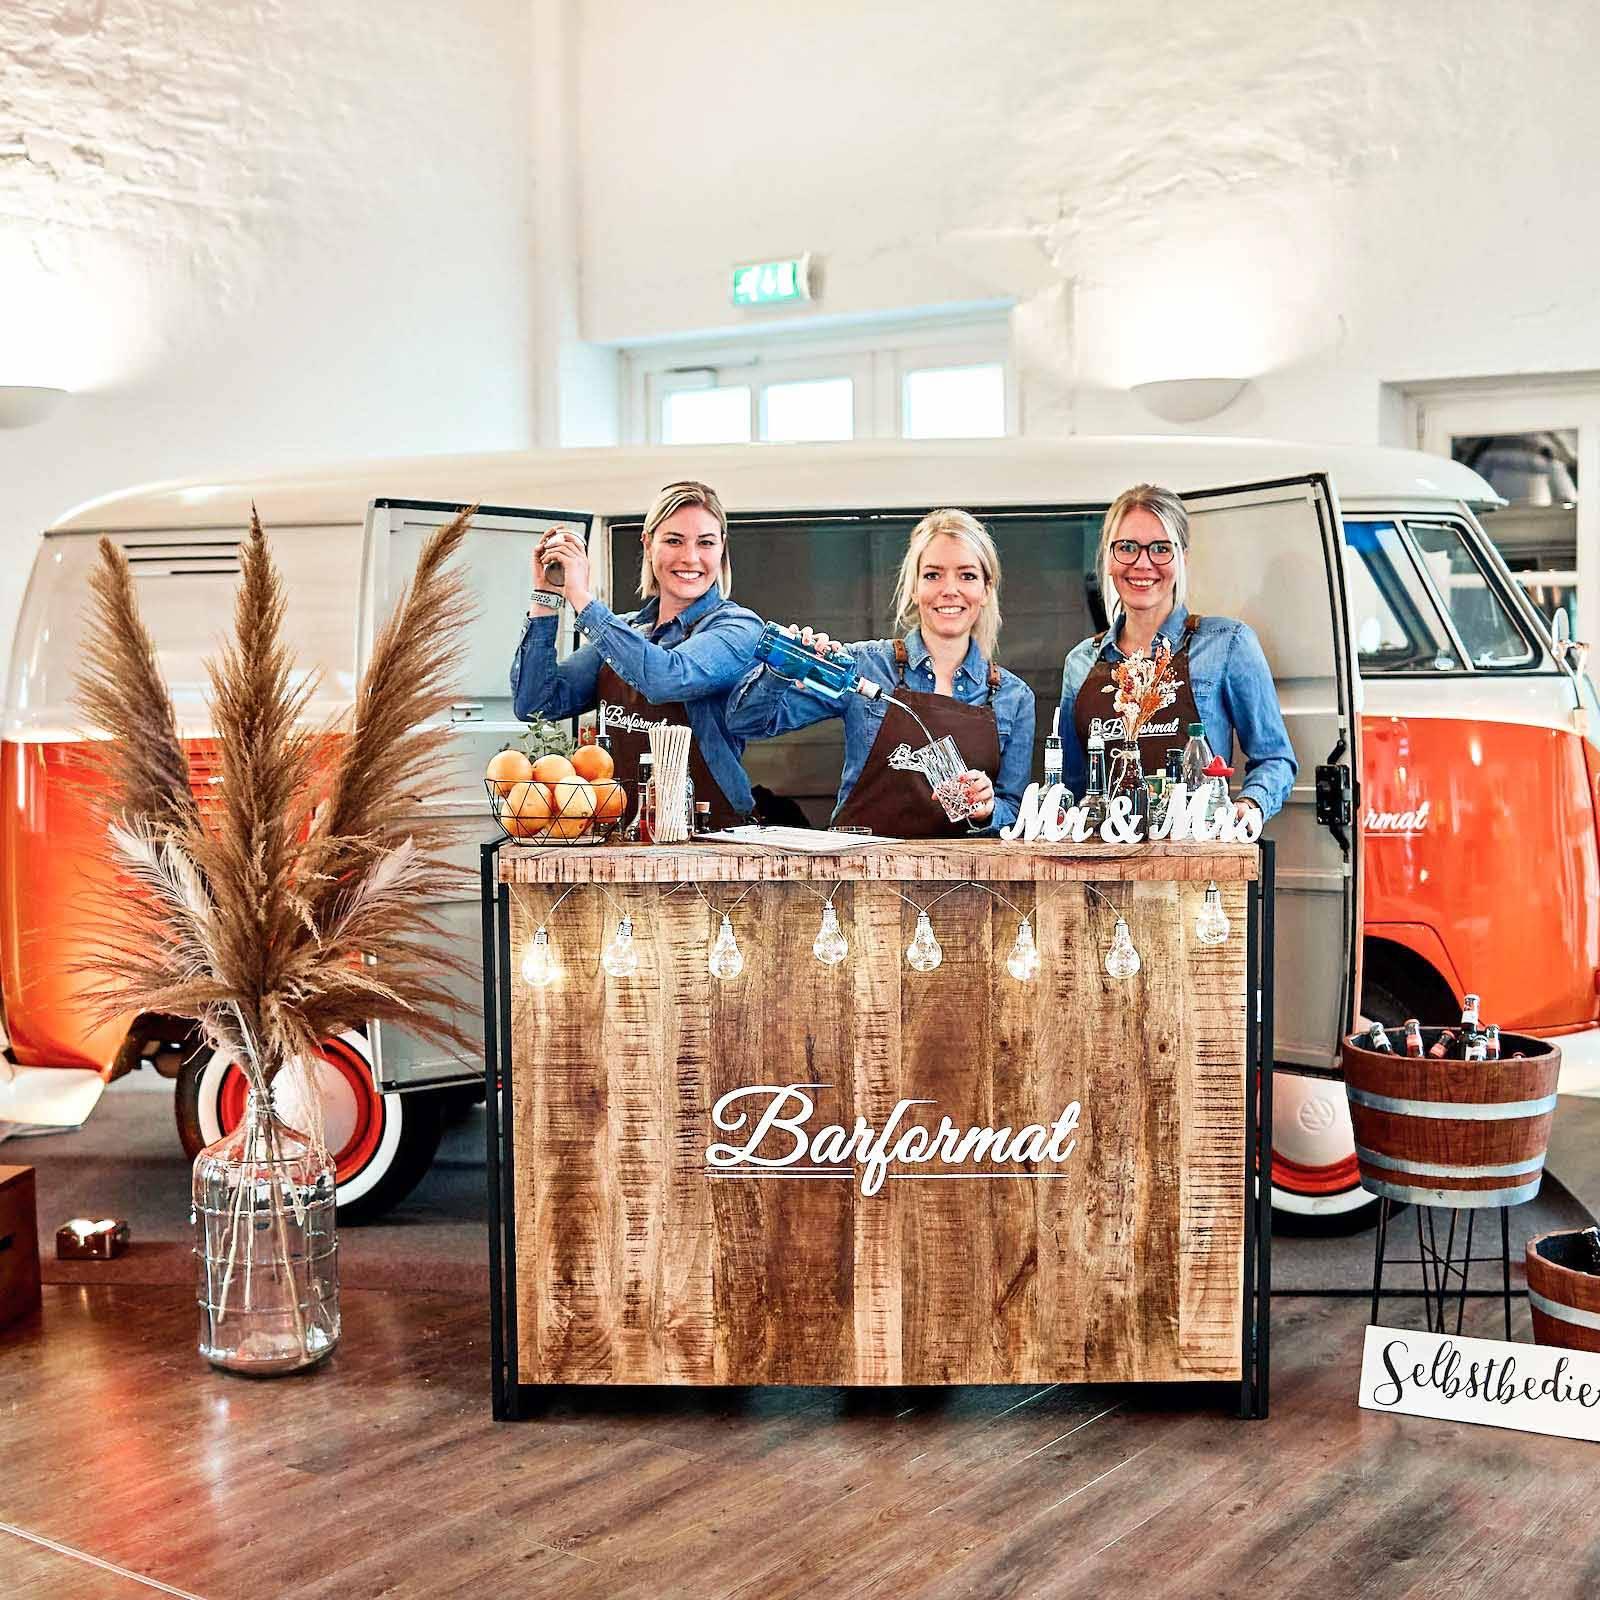 Mobile | Bar | Ape | VW | Bulli | Empfang | Hannover | Cocktailservice | Getränke | Catering | Foodtruck | Kuchen | Sektempfang | Standesamt | Barkeeper | Kellner | Hochzeit | Event | Hamburgfeiert